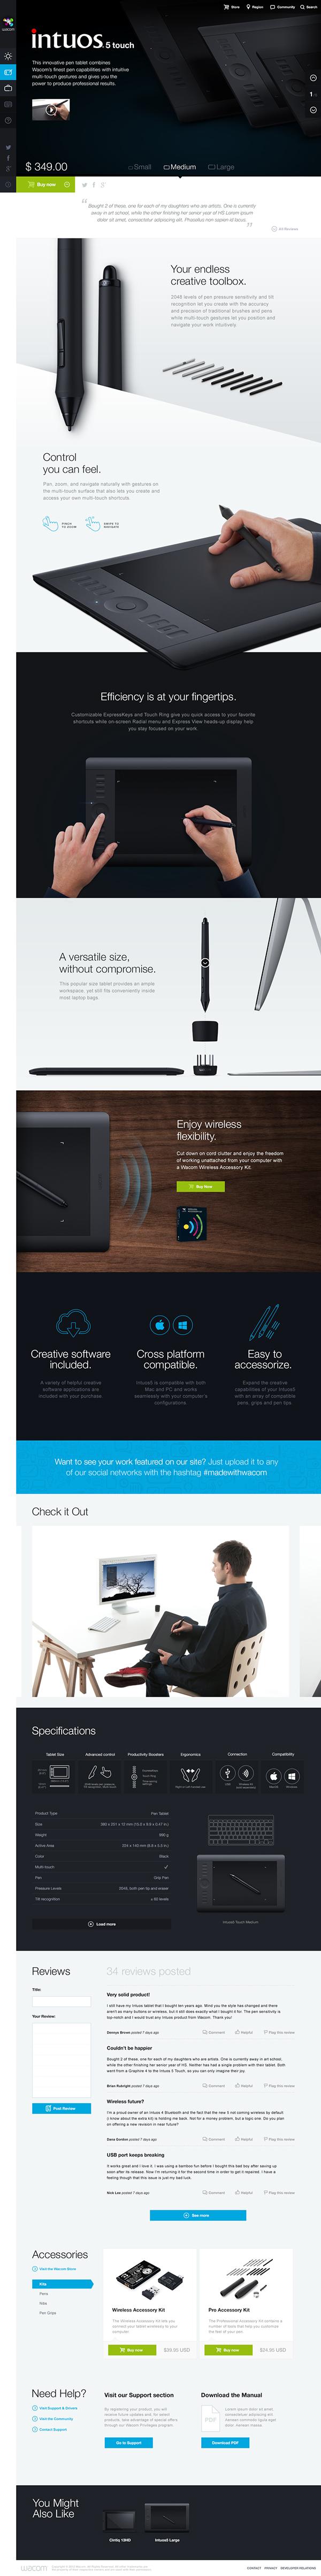 Wacom.com Re-Design on